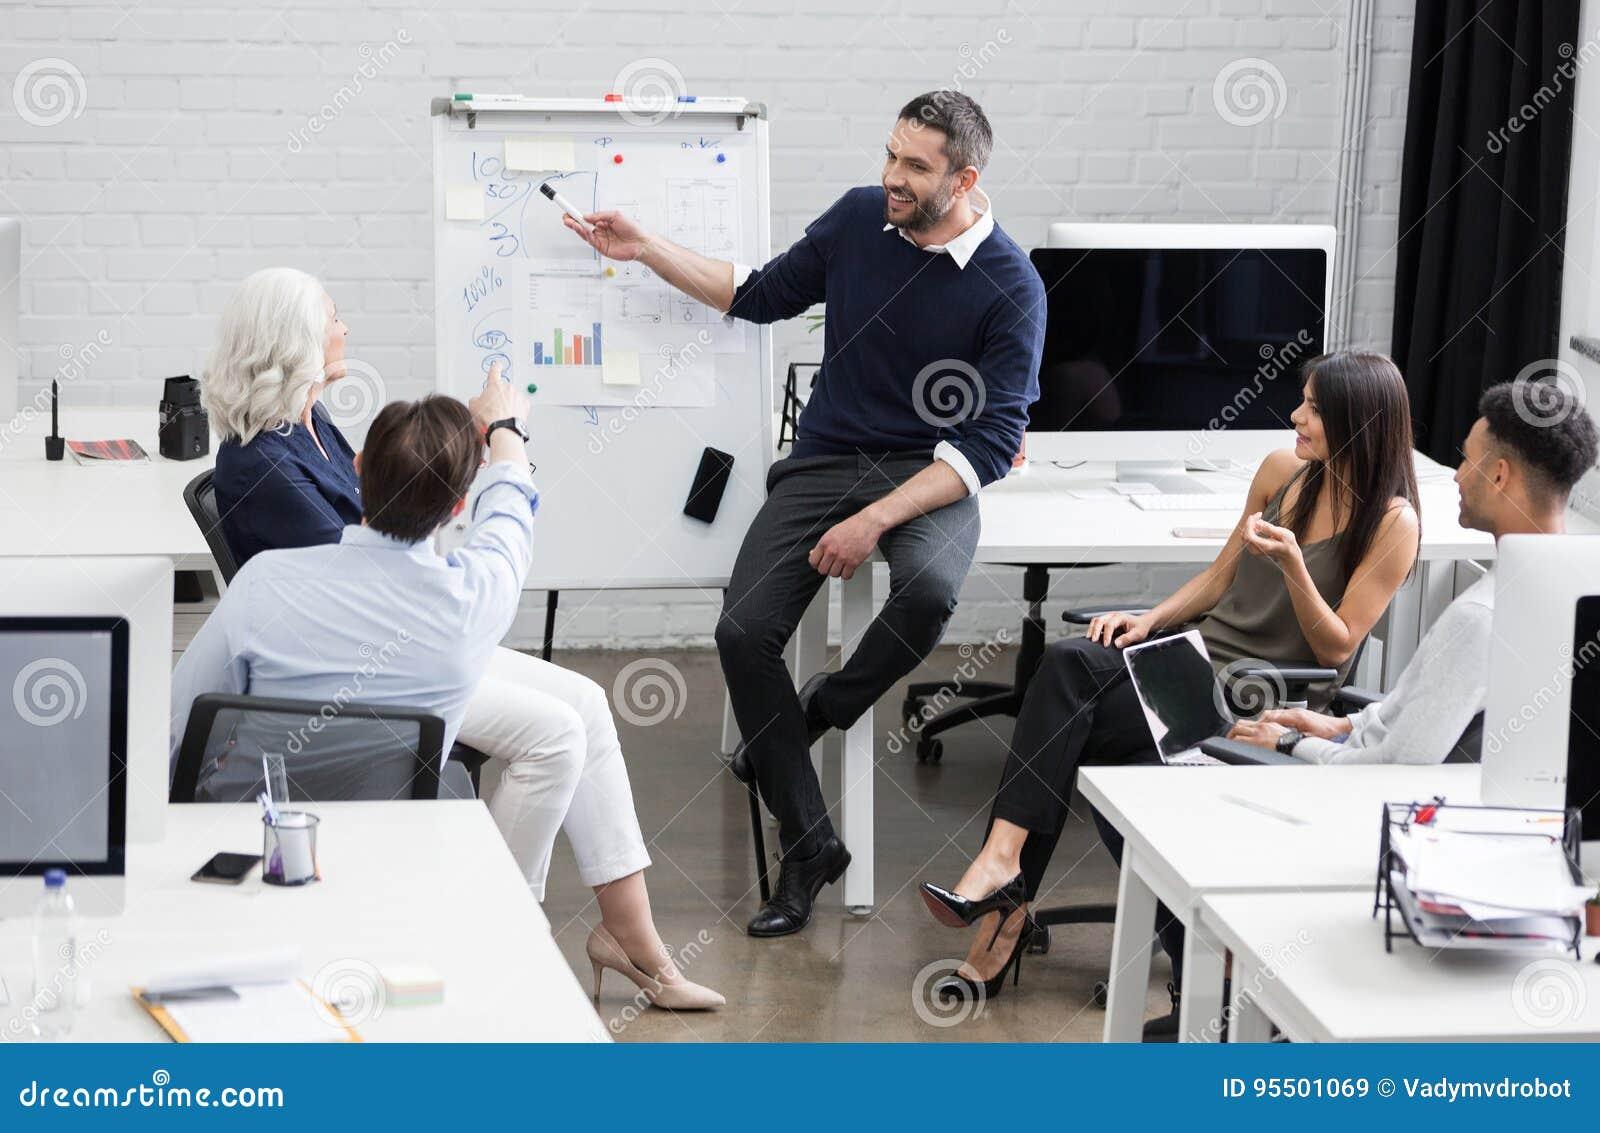 Biznesowy spotkanie lub prezentacja w nowożytnej sala konferencyjnej